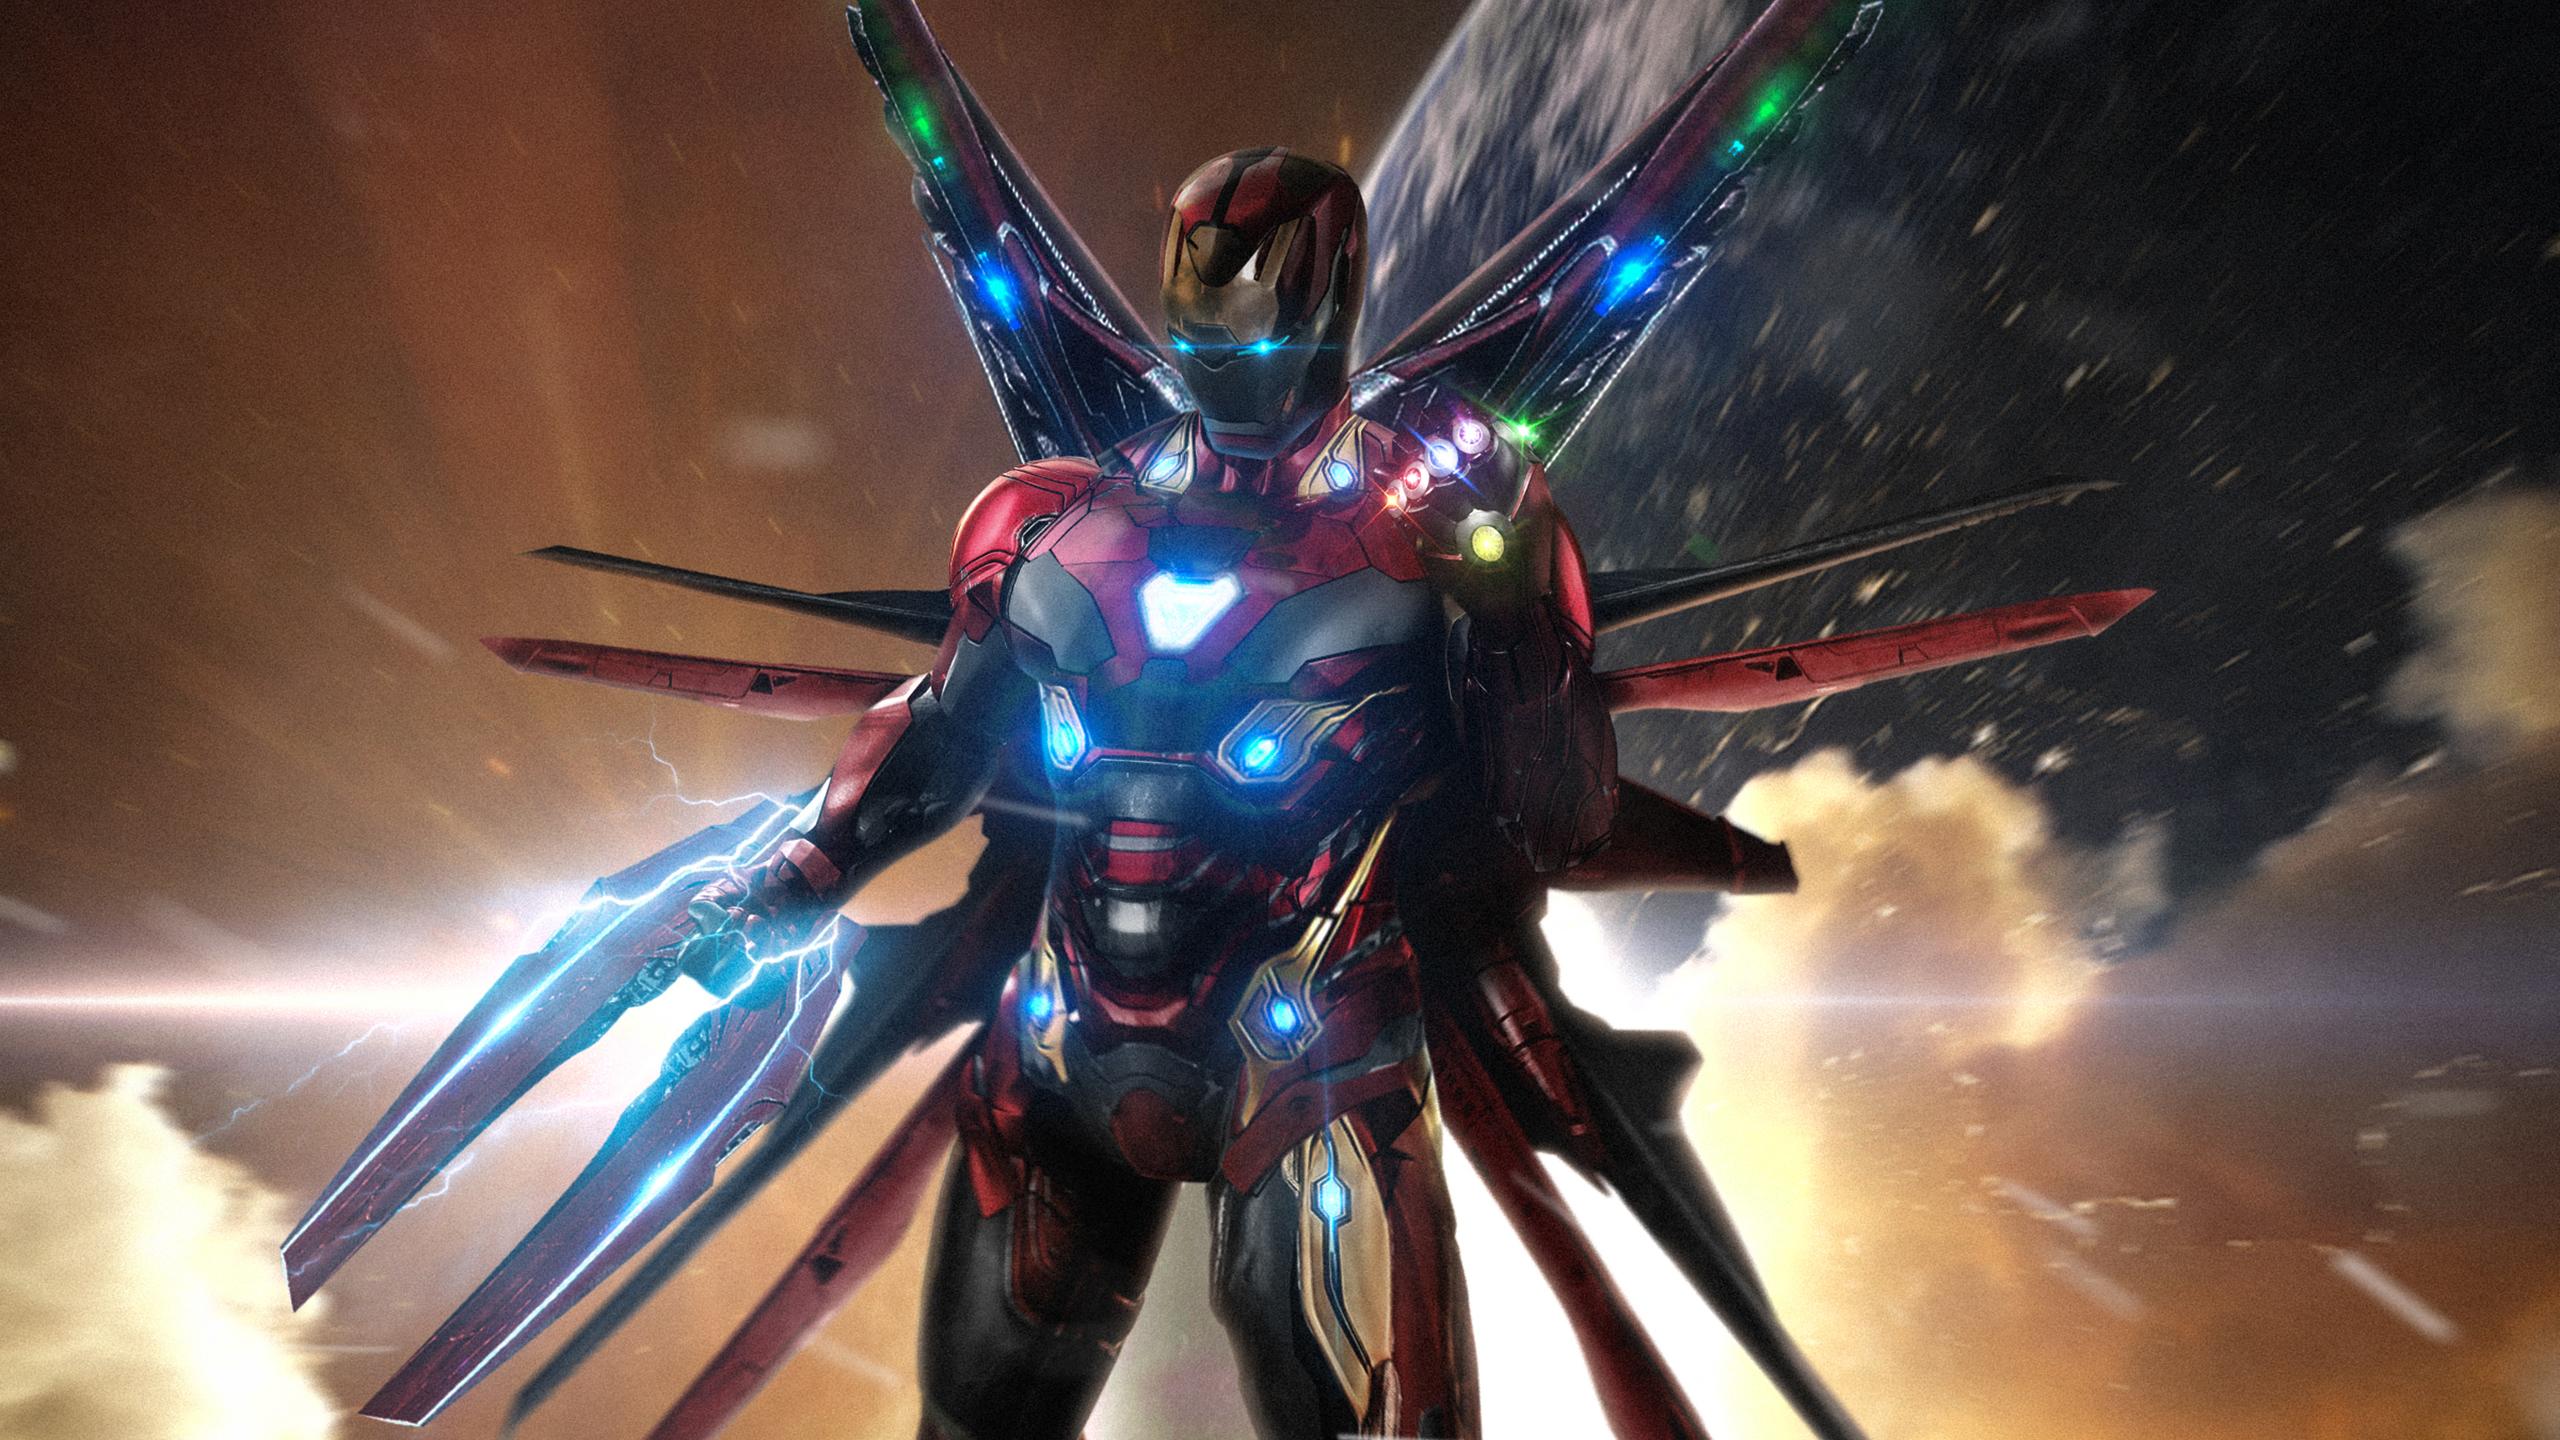 30 Best Avengers Endgame Wallpapers Full Hd 4k Ultra Hd